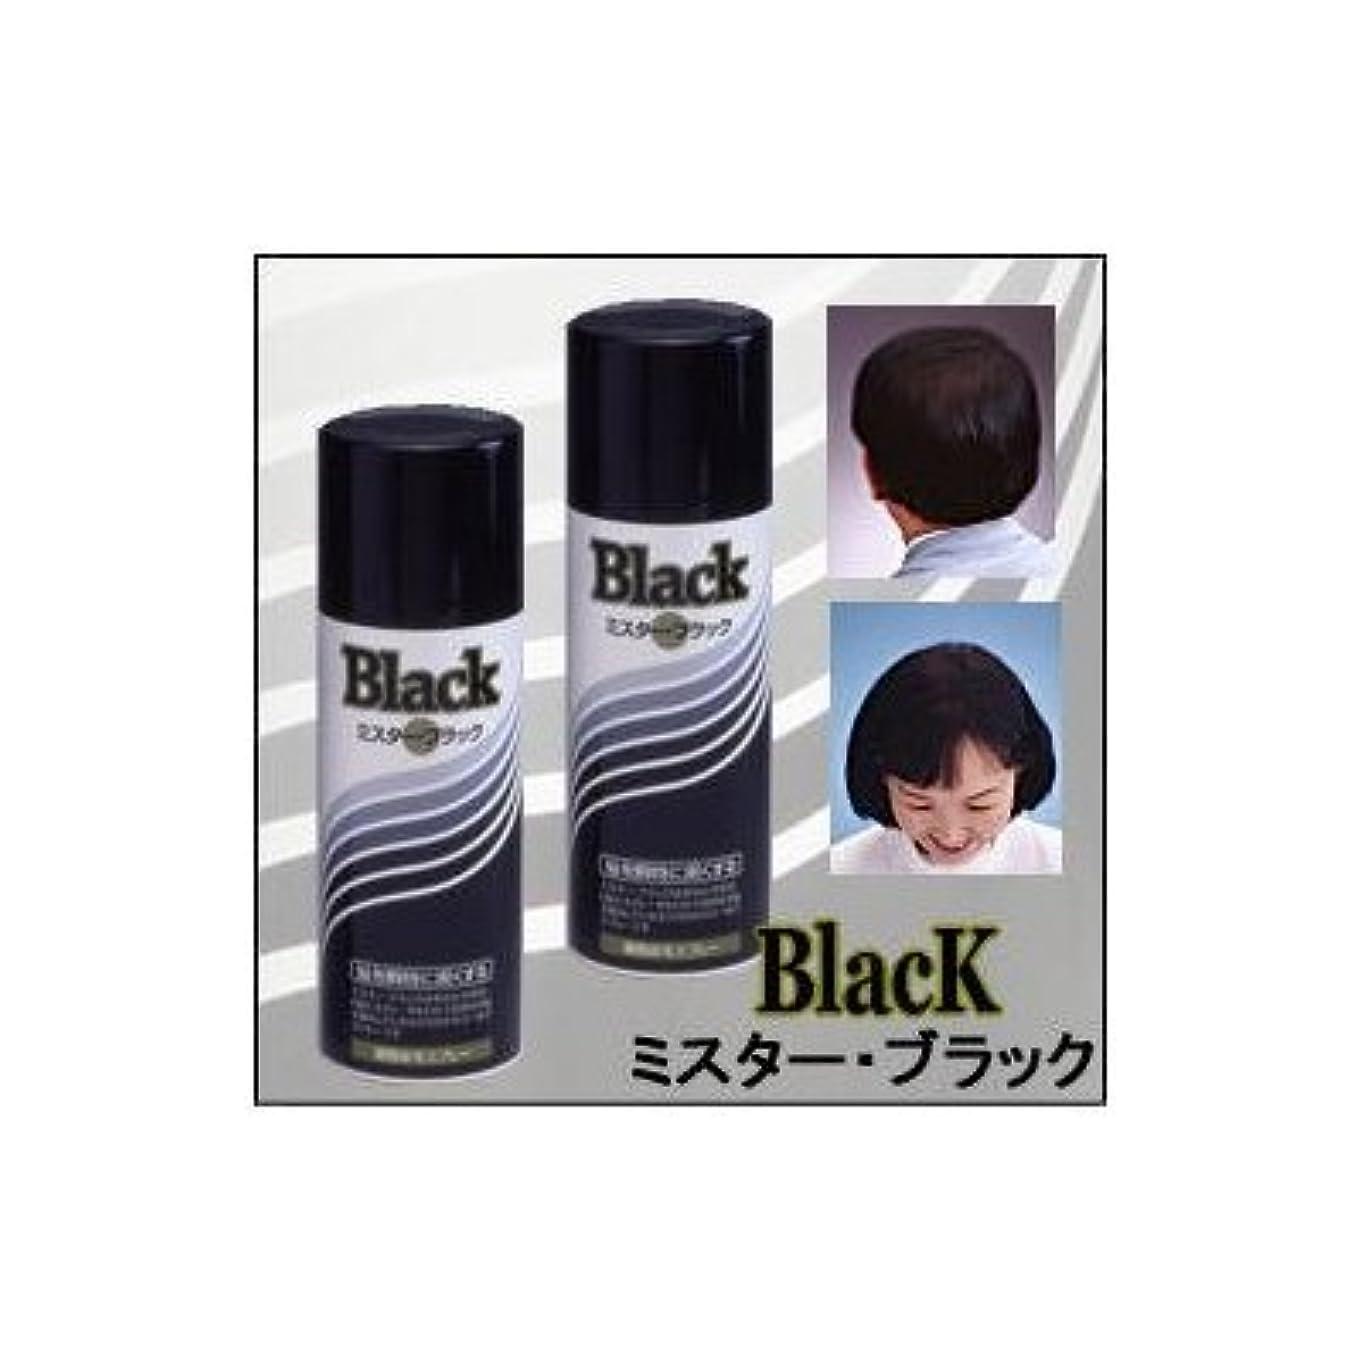 ズーム強調する水分『ミスターブラック ? 男女兼用』 薄毛対策スプレー  瞬時に対応 ?染毛料? 日本製 (3本組)